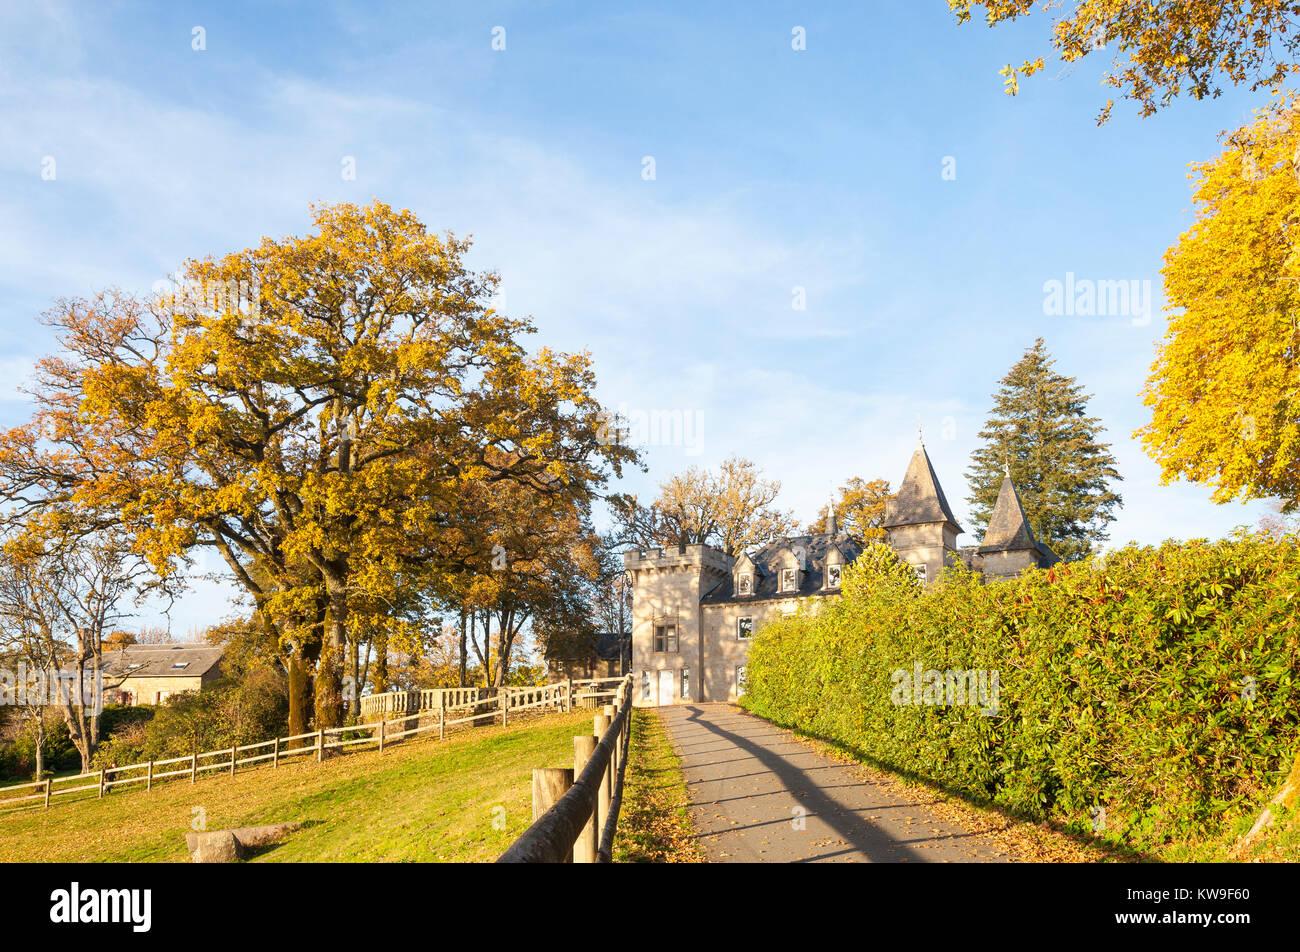 Chateau de Vassivière im Herbst bei Sonnenuntergang, Creuse, Nouvelle-Aquitaine, Frankreich. Stockbild